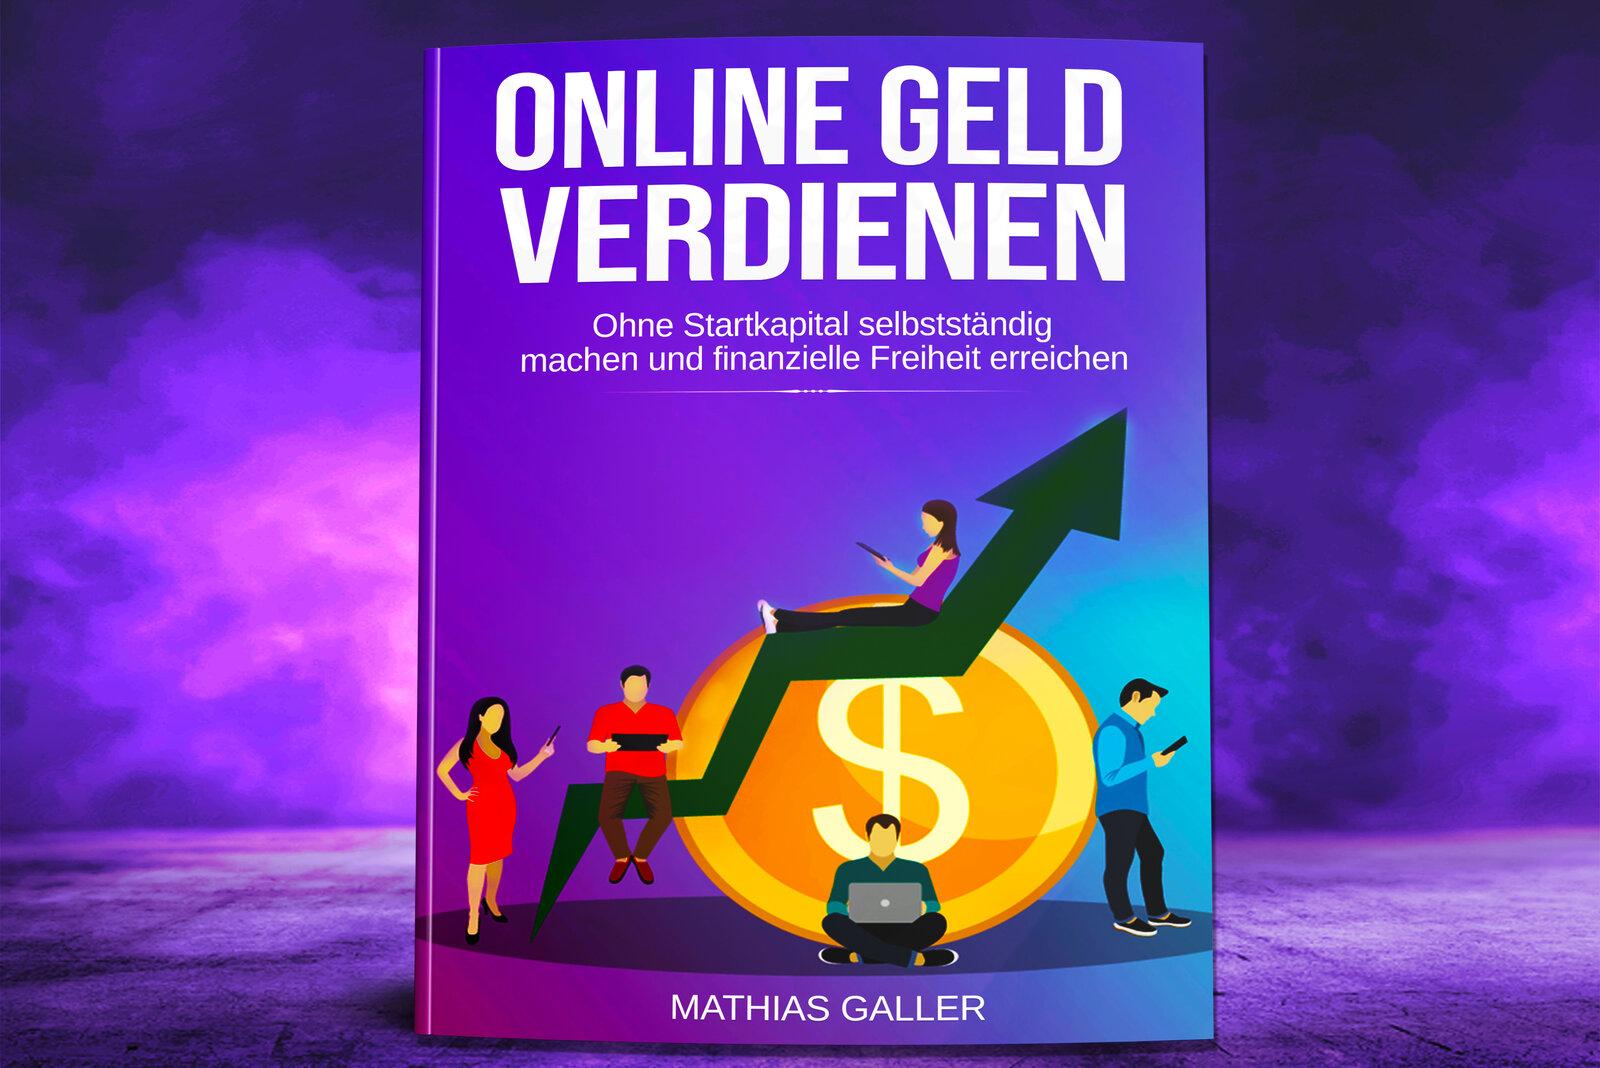 Das Online Geld verdienen Buch von Mathias Galler